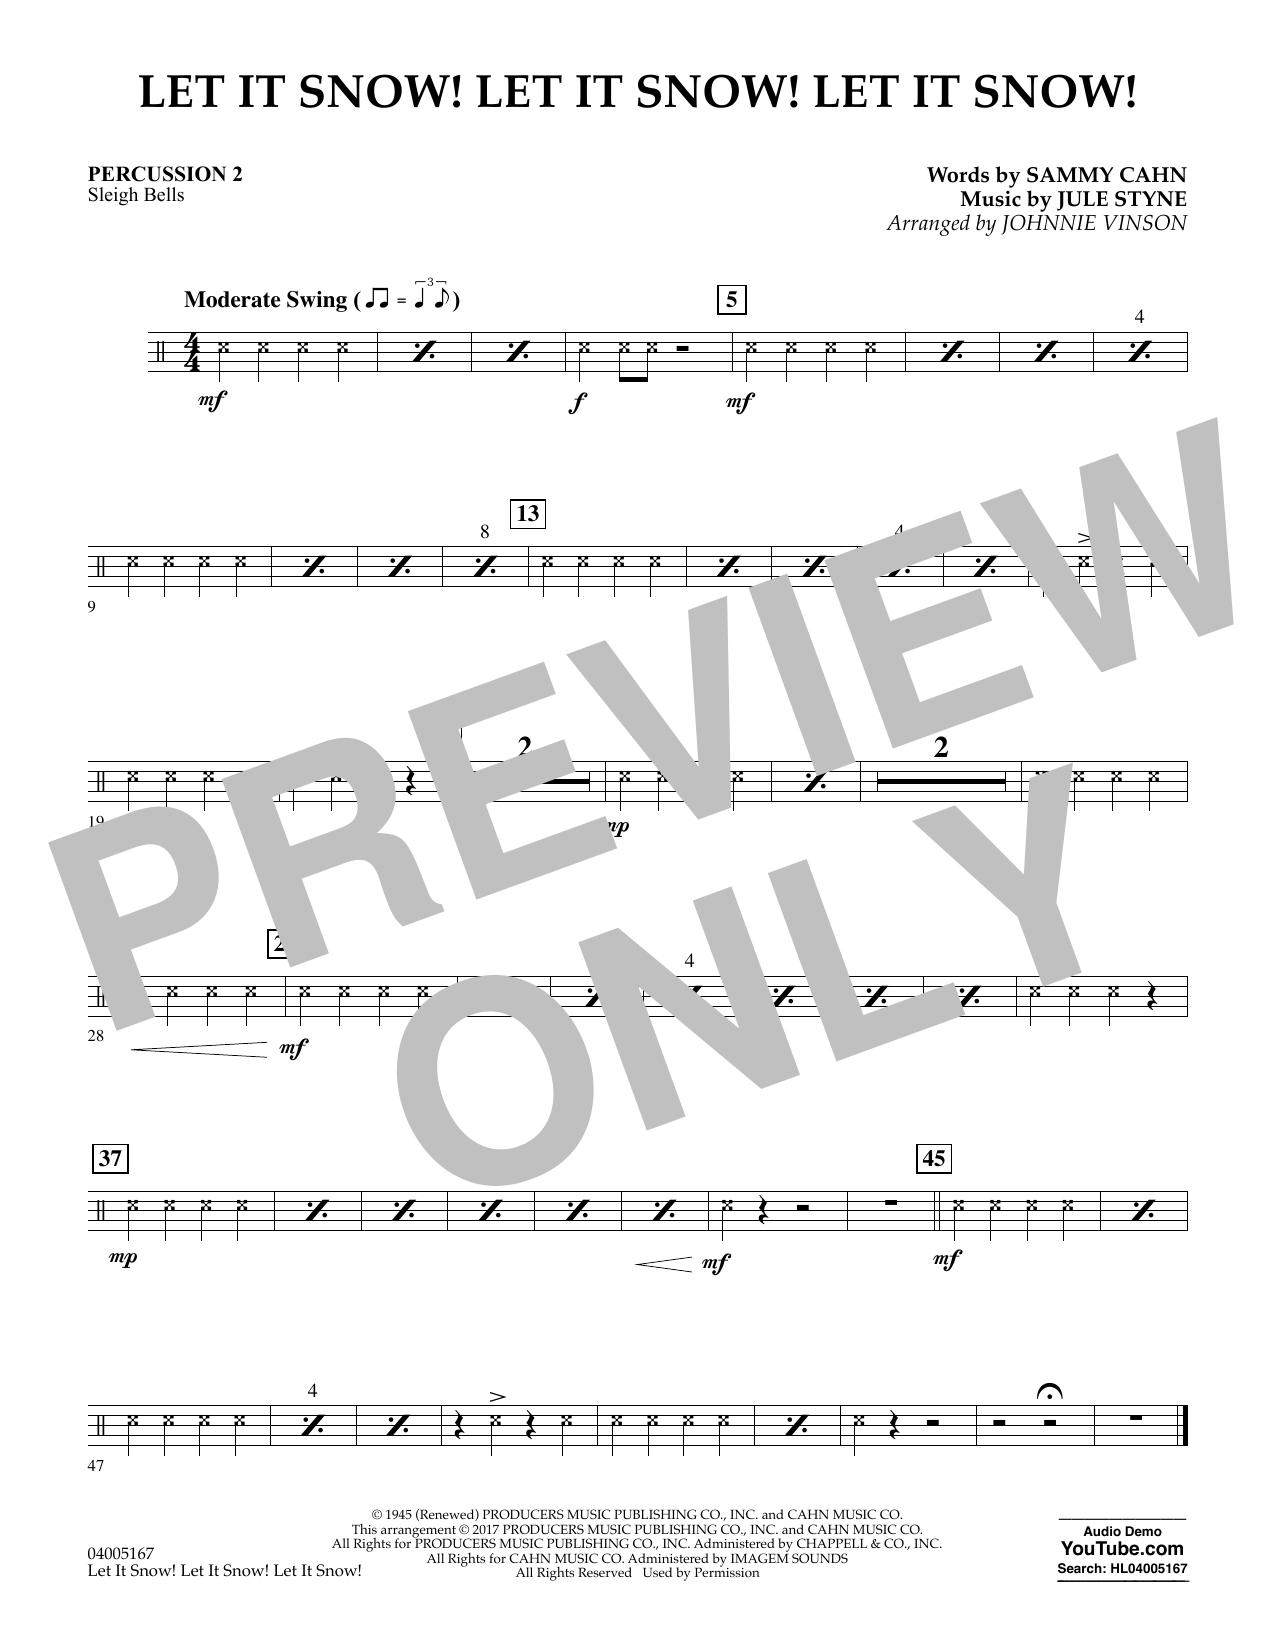 Let It Snow! Let It Snow! Let It Snow! - Percussion 2 (Concert Band)